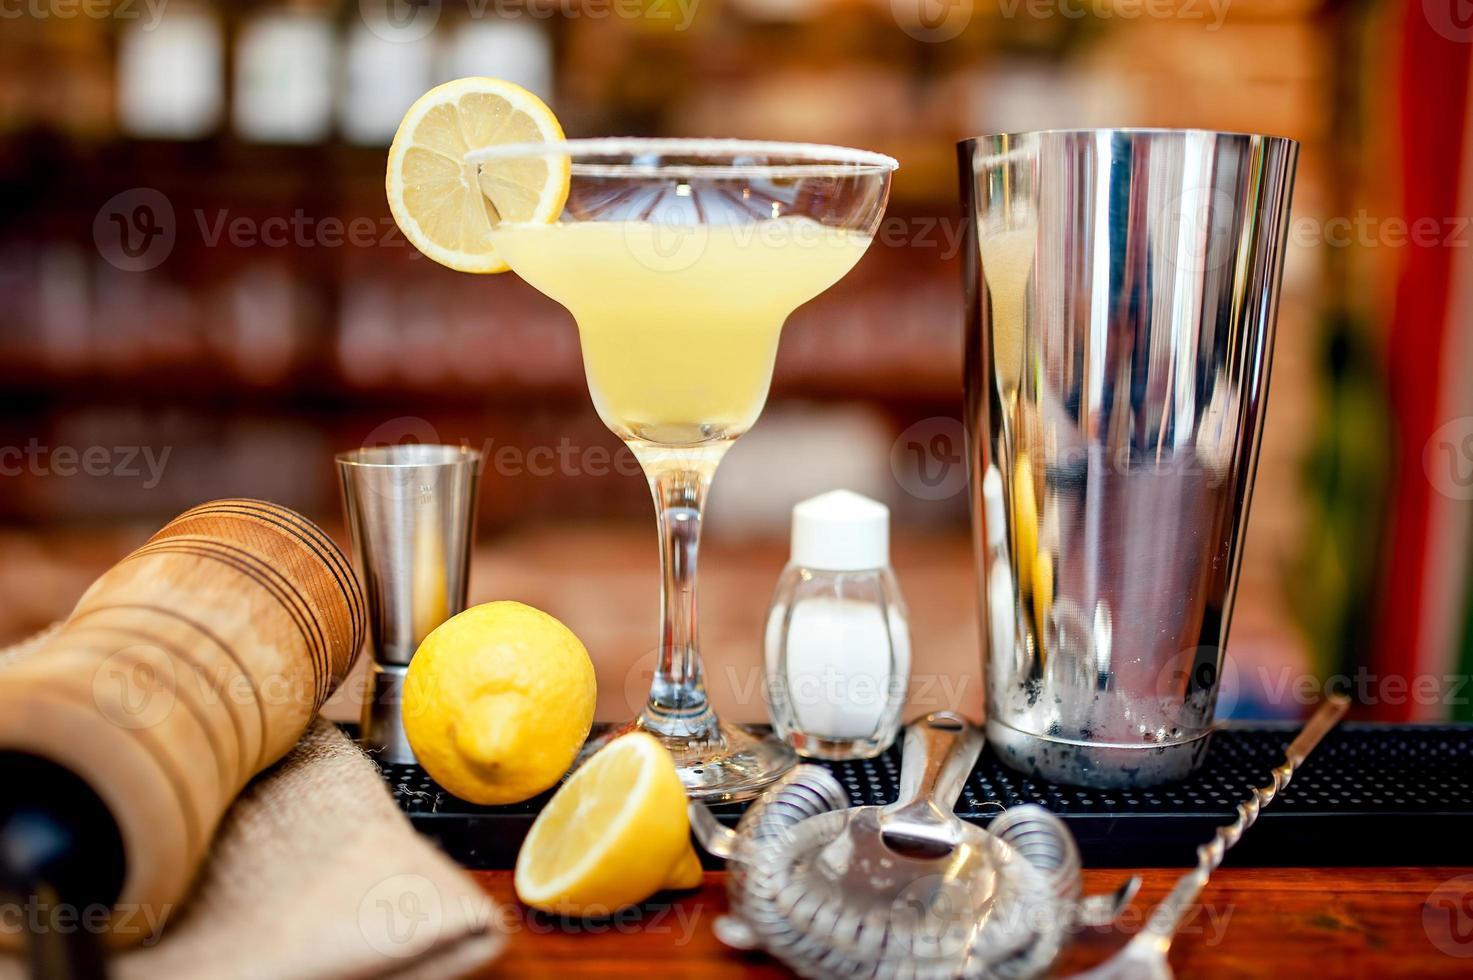 färsk lime margarita serveras i bar och kasino foto